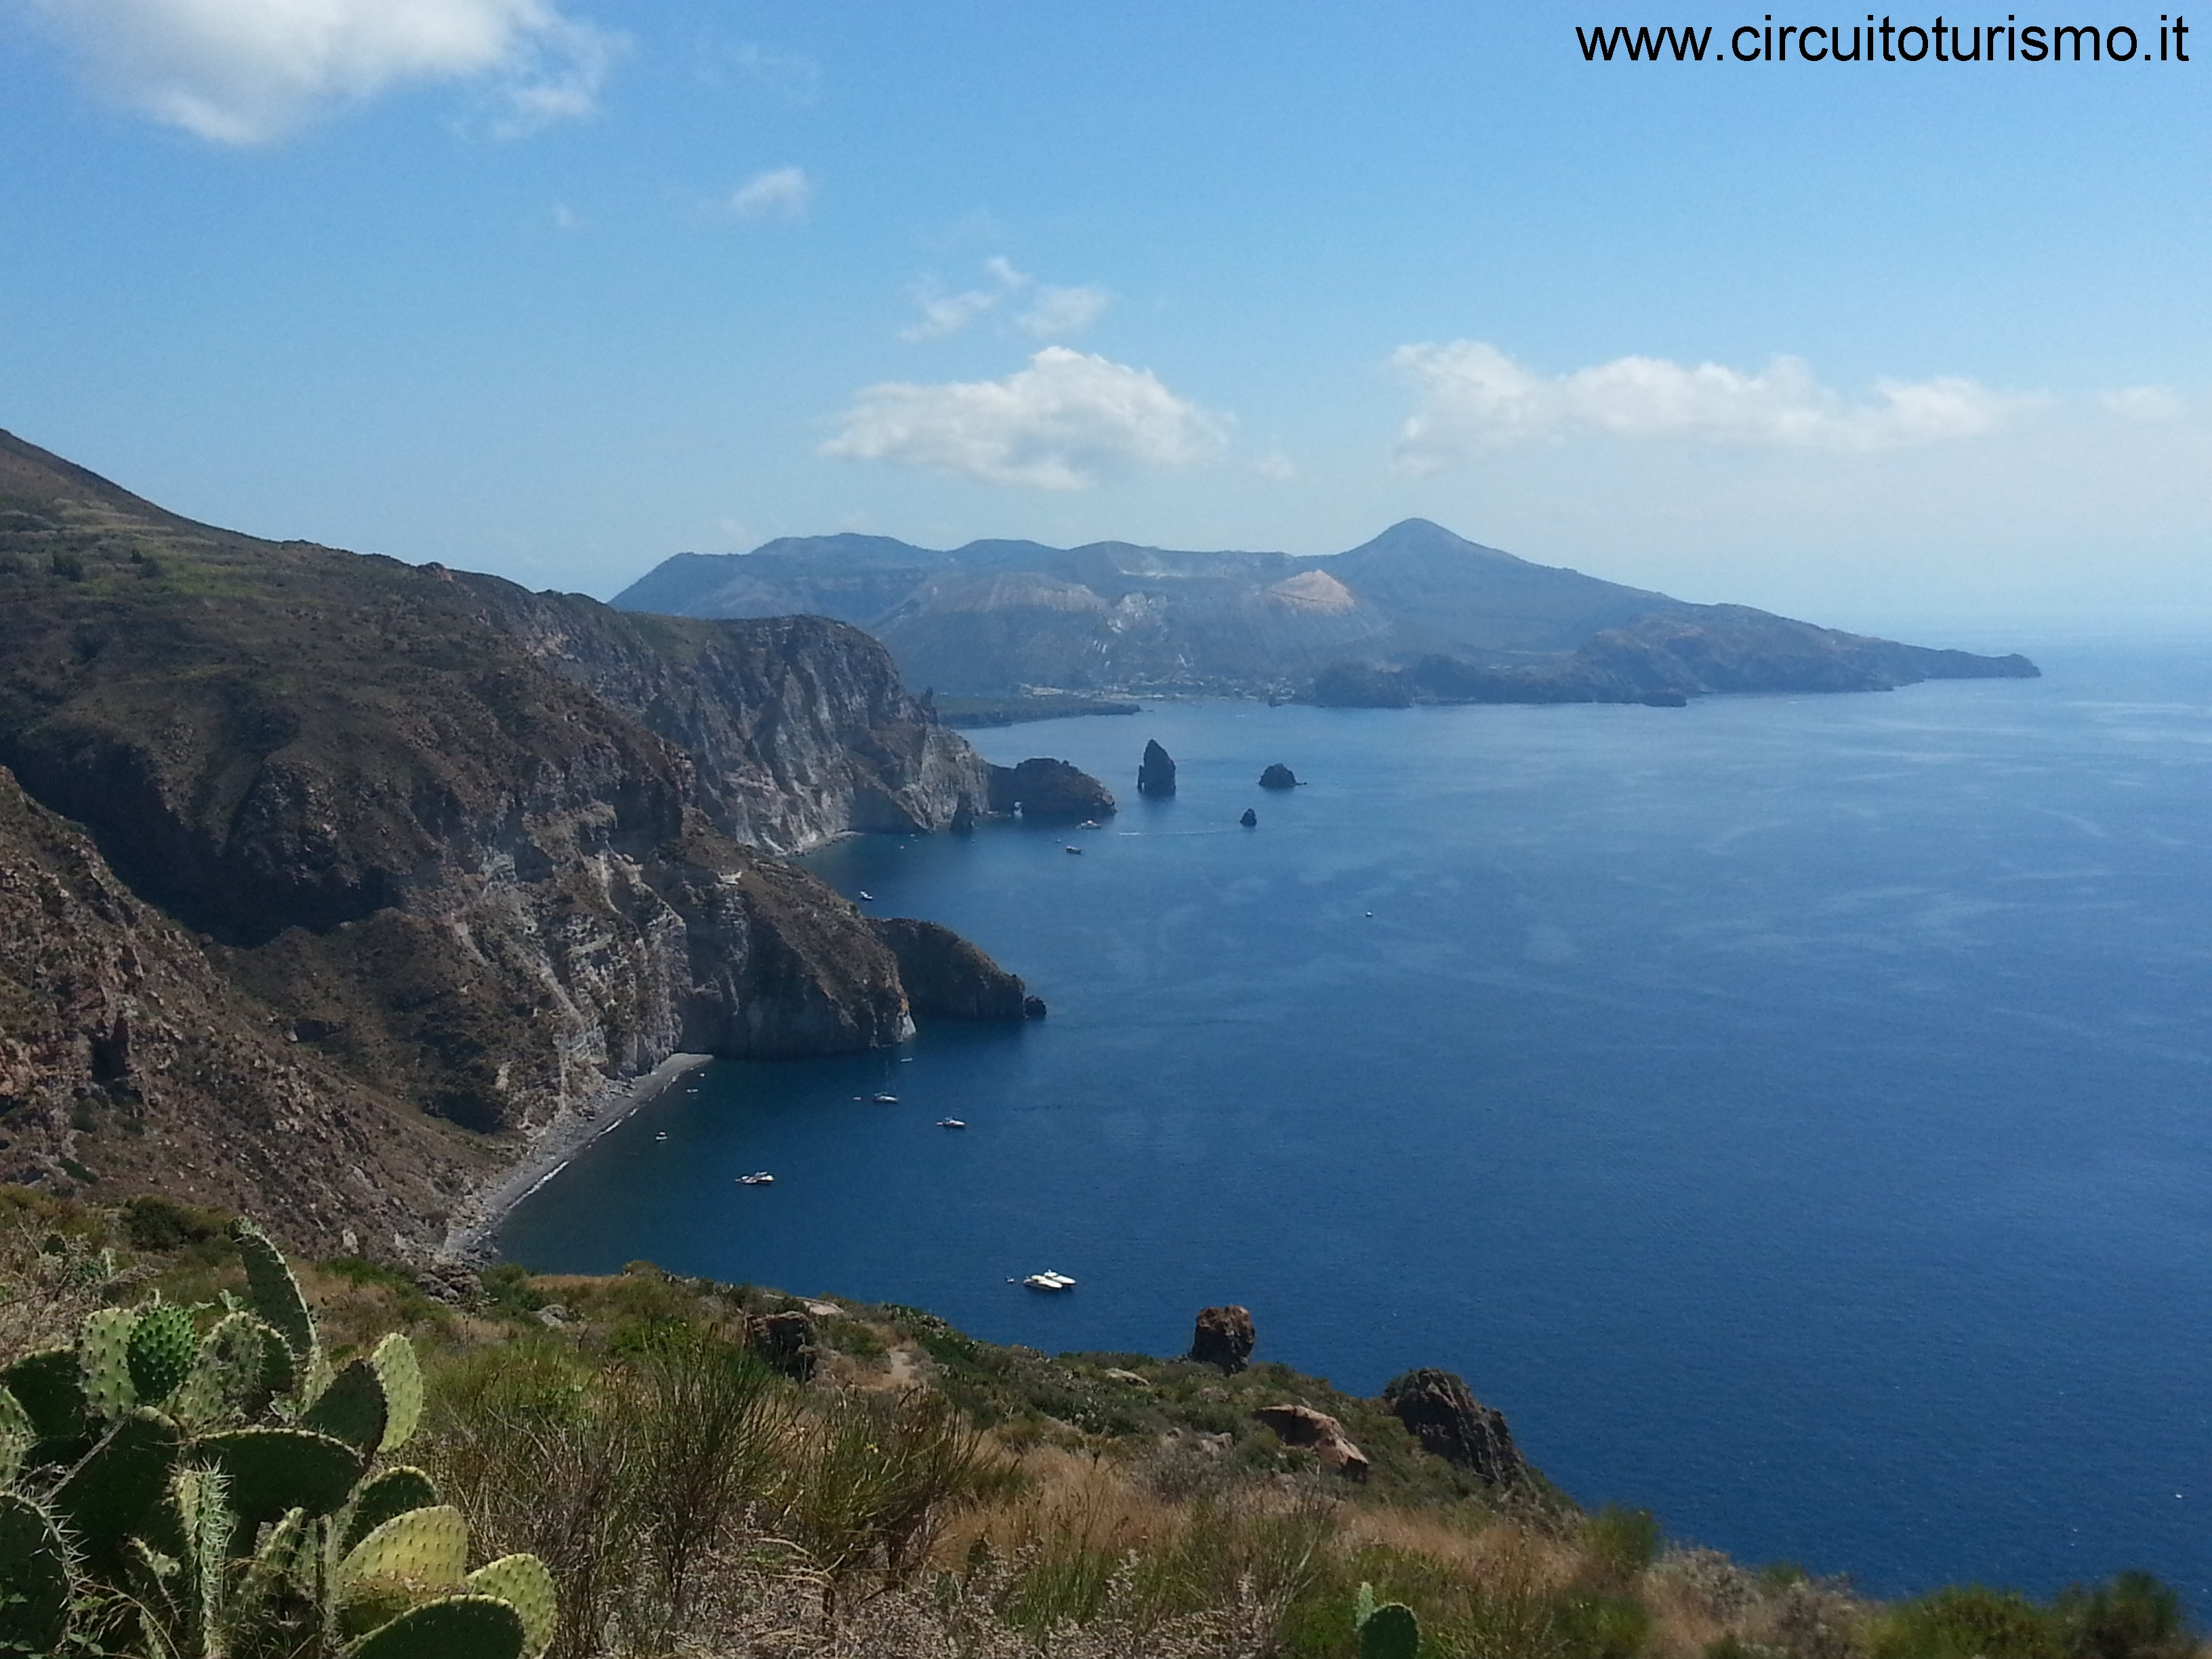 Viaggio-vacanza nelle isole Eolie: Lipari